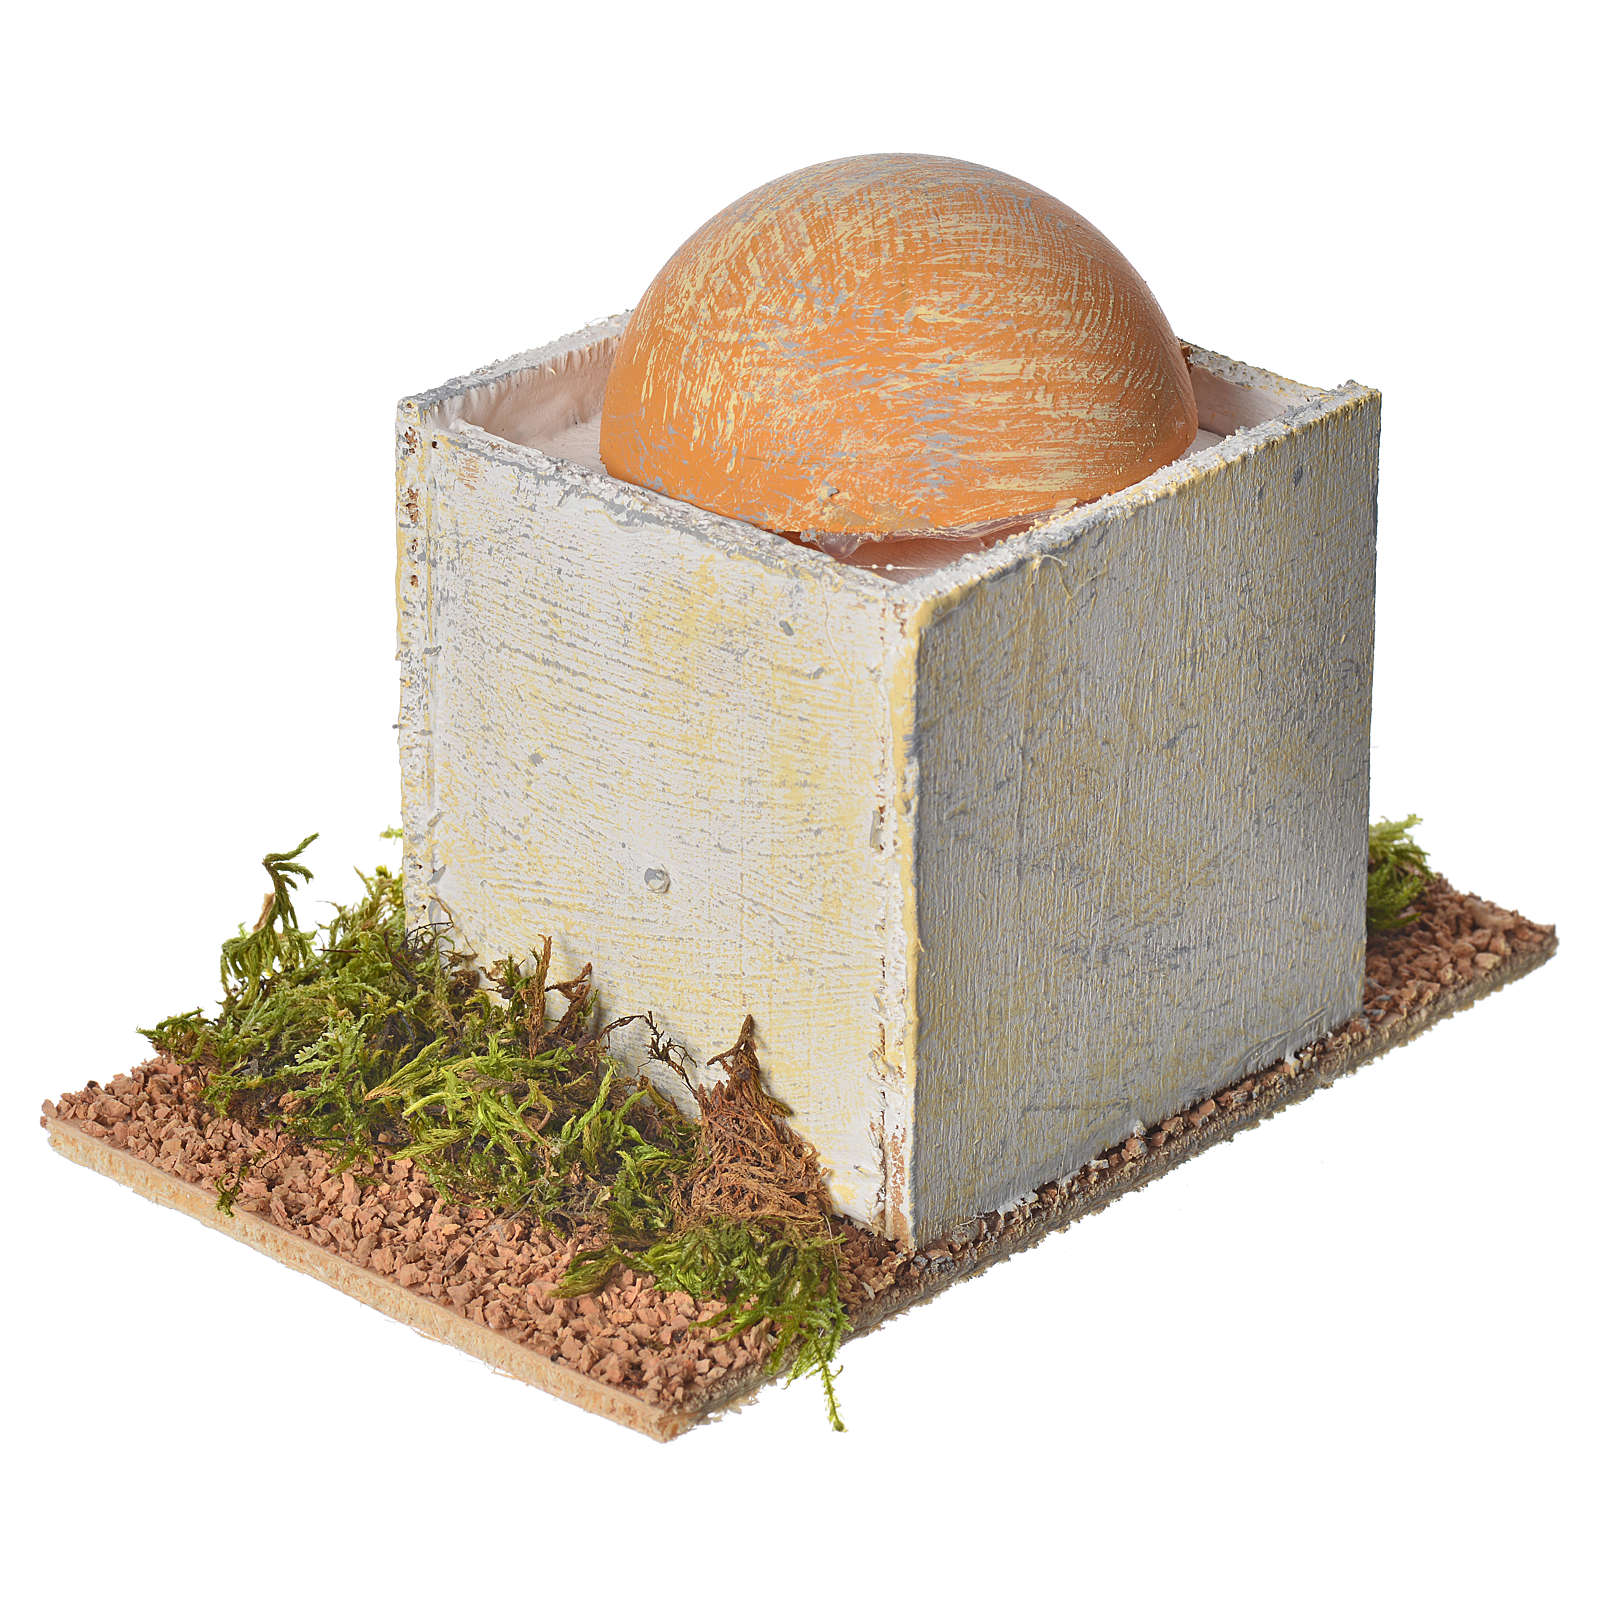 Casetta araba con cupola in legno per presepe 8x14x9 cm 4